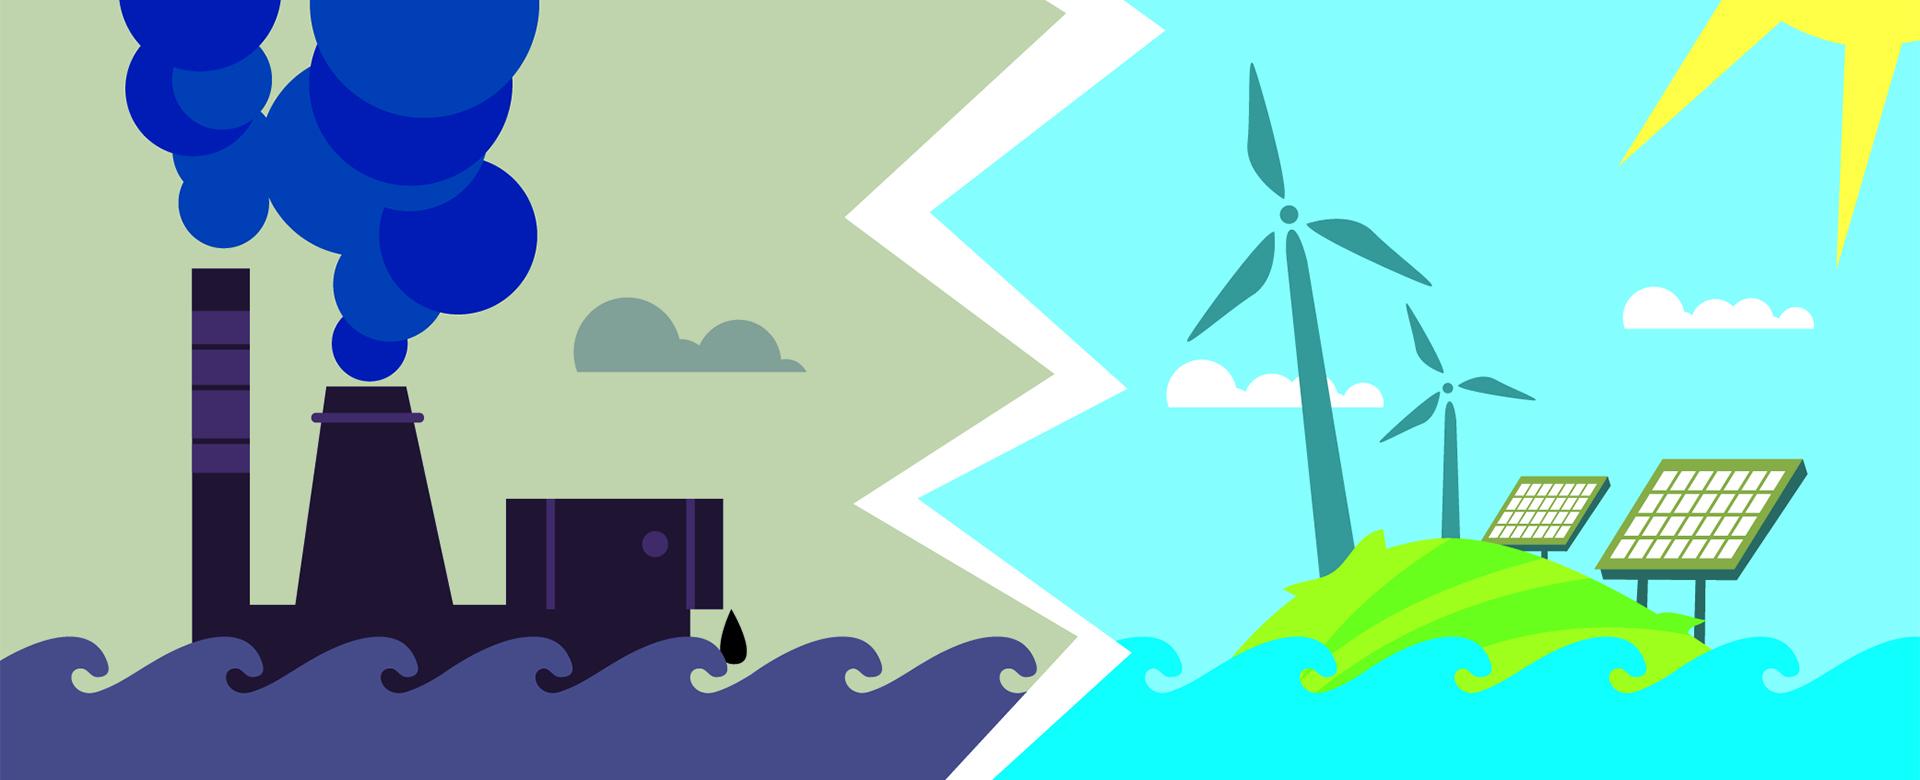 Des stratégies pour favoriser la transition écologique